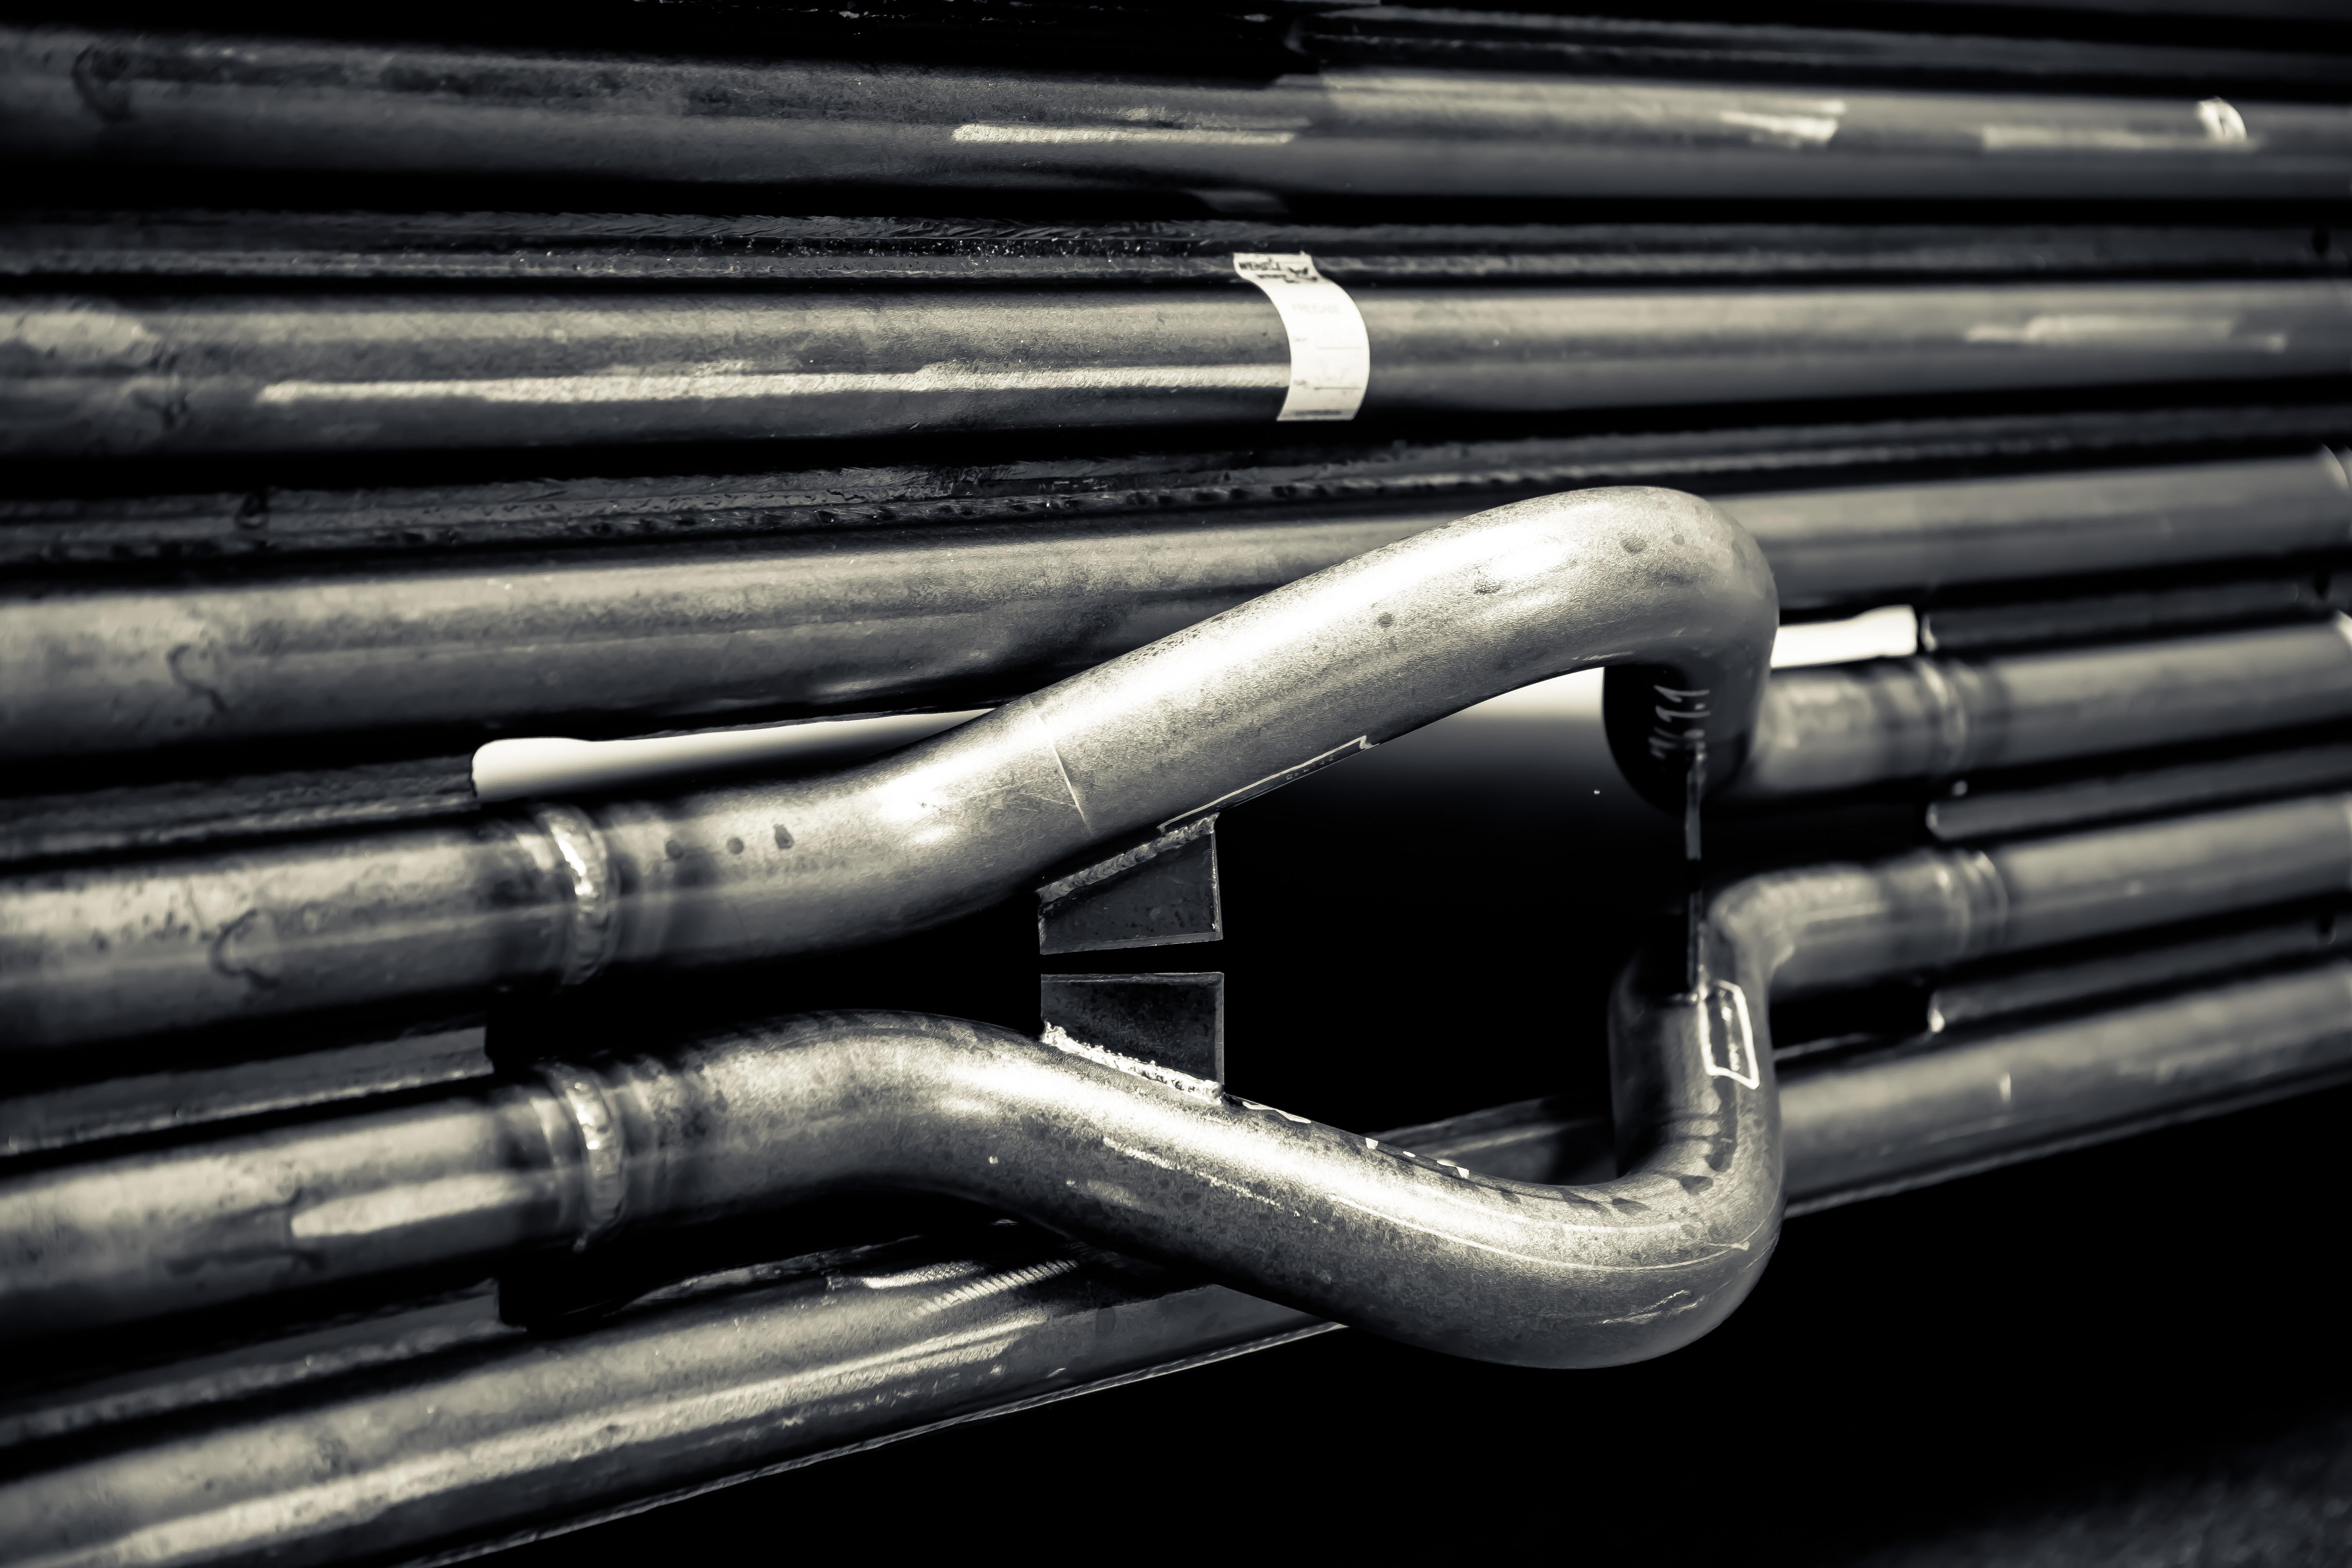 Schweißtechnik von WEHRLE: Kesselbau und Kesselkomponentenbau, Rohrbiegen und Cladding